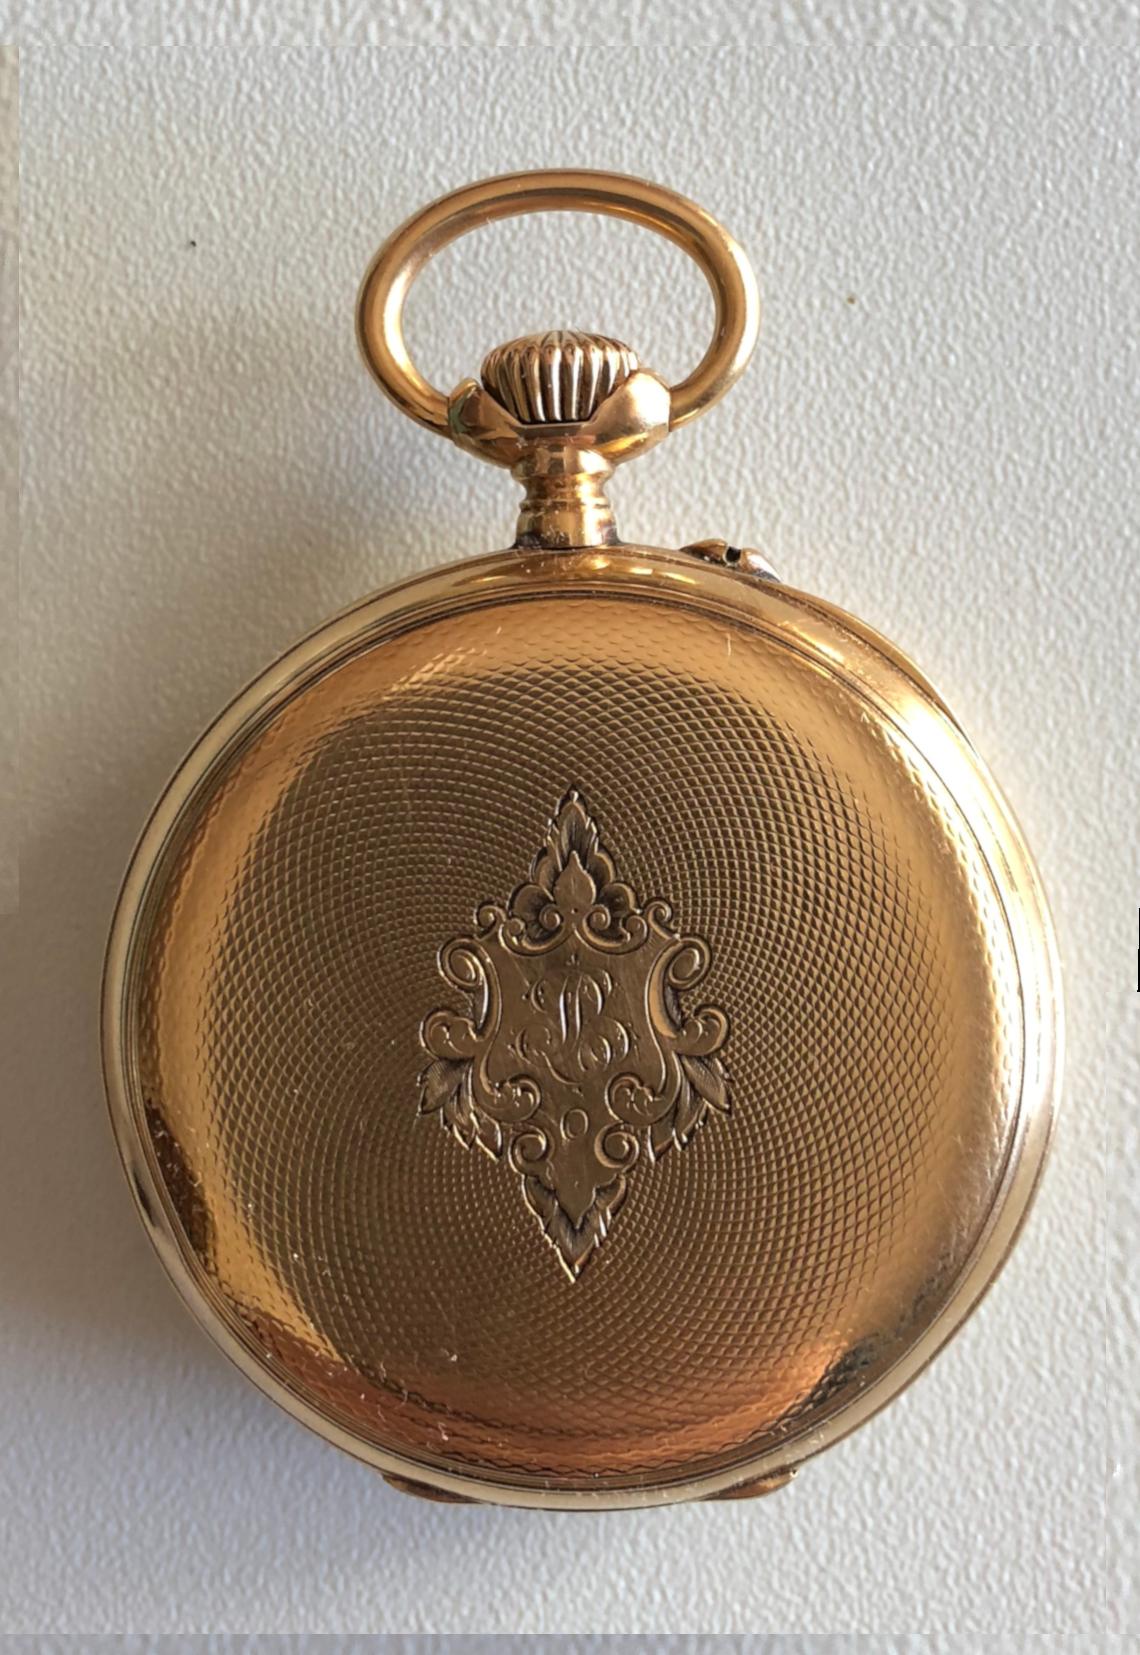 Reloj estilo saboneta para dama, del maestro relojero suizo